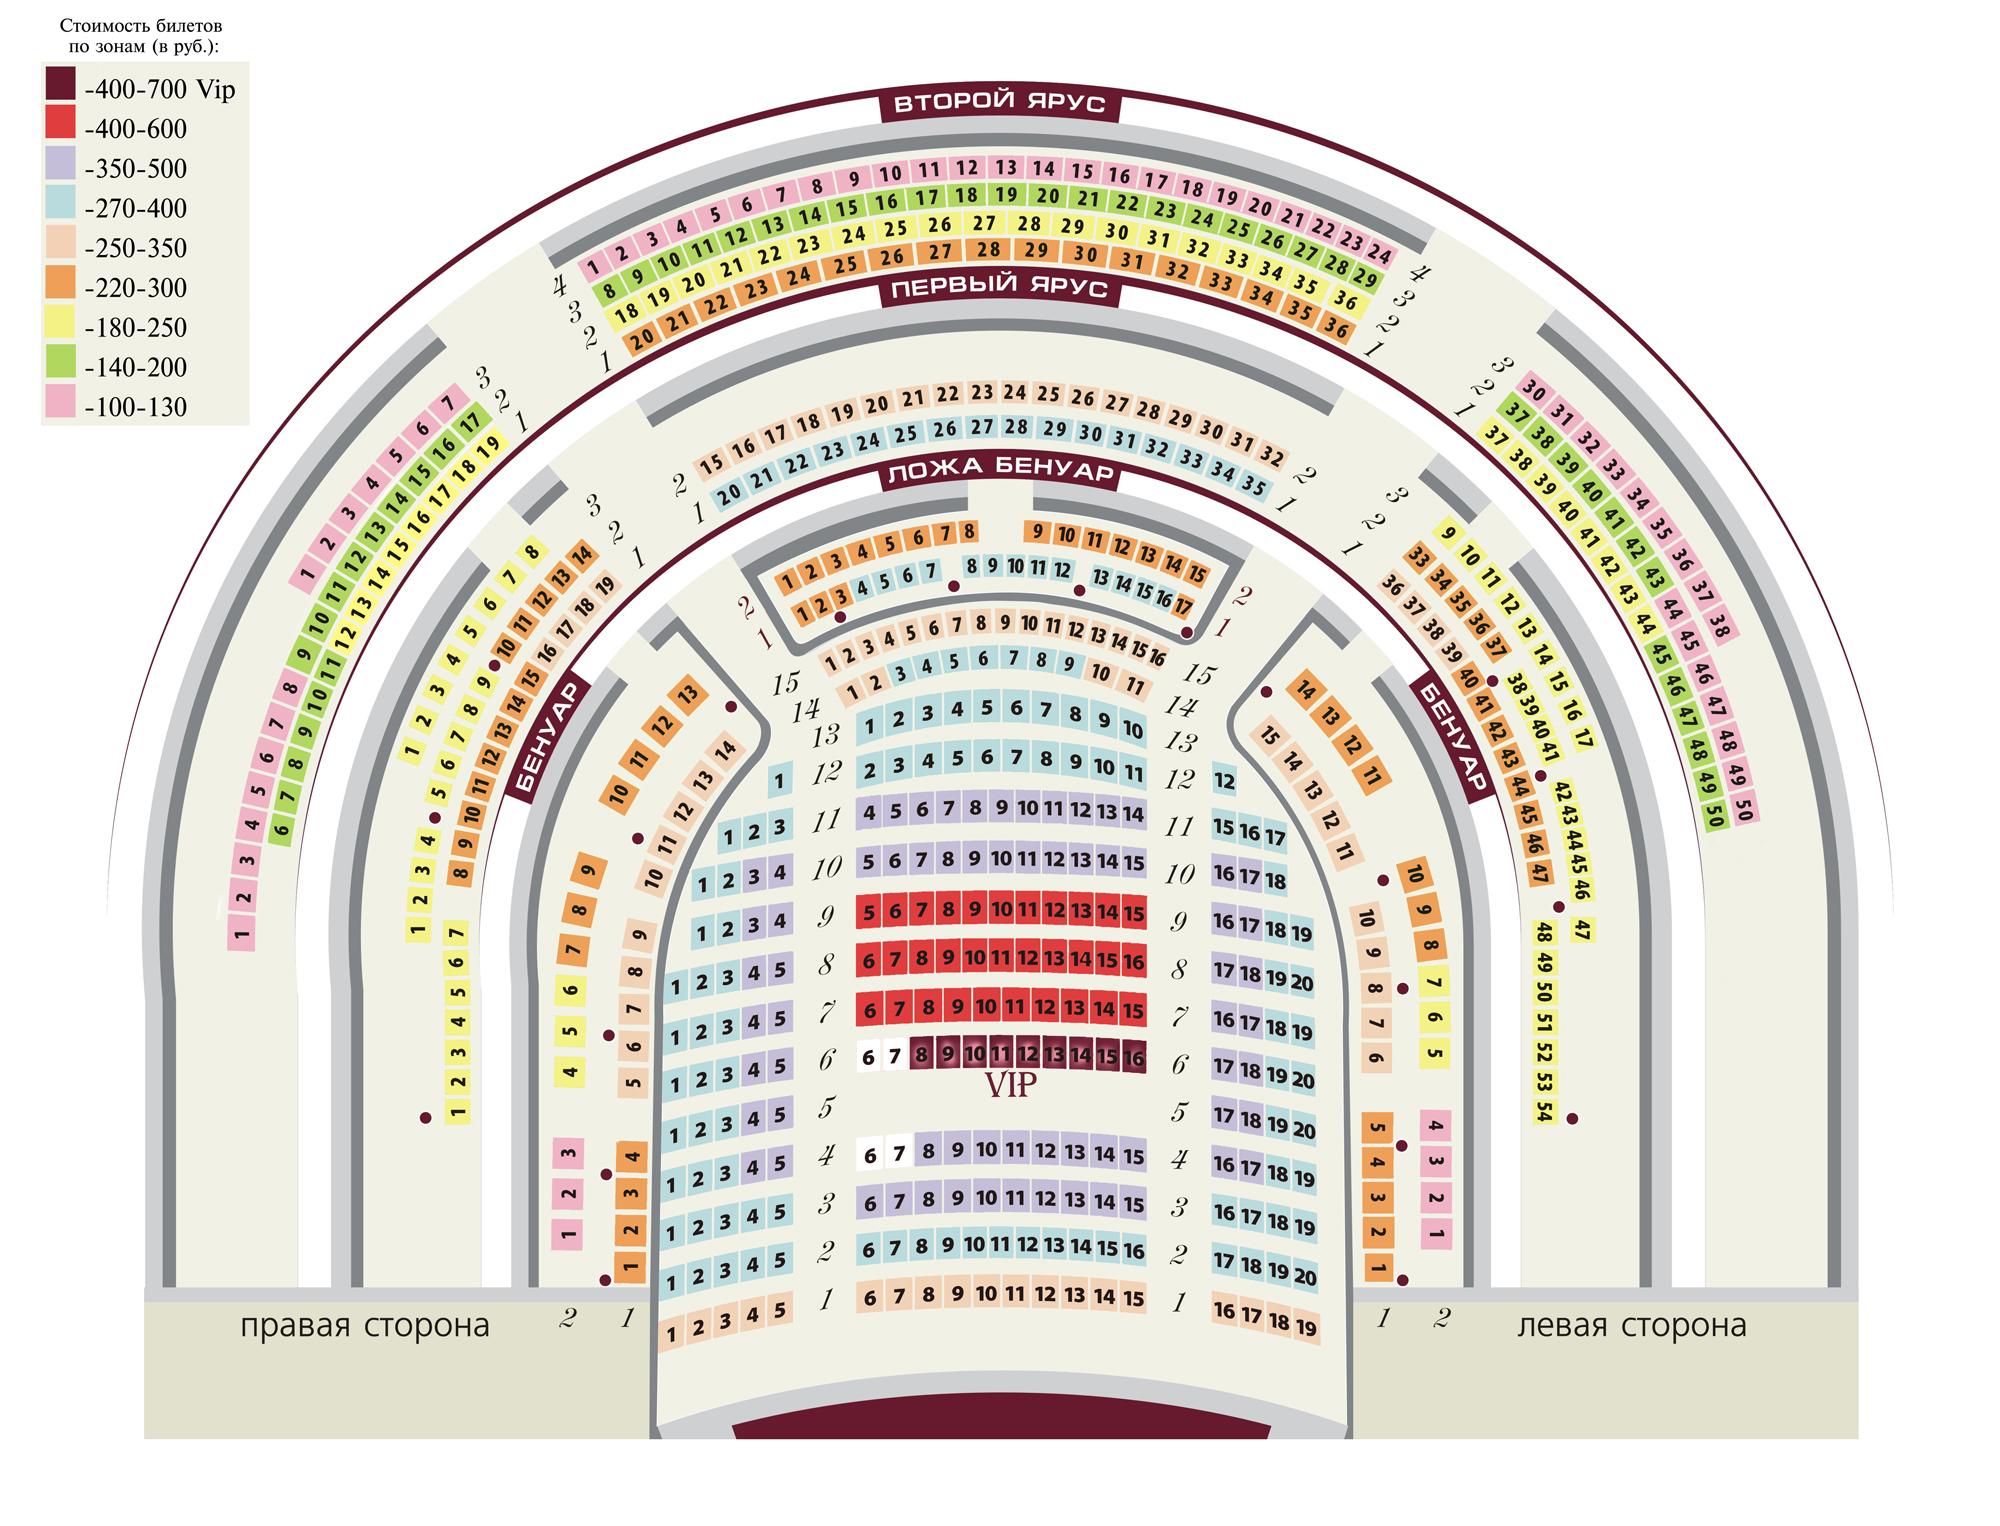 Схема зрительного зала театра оперы и балета